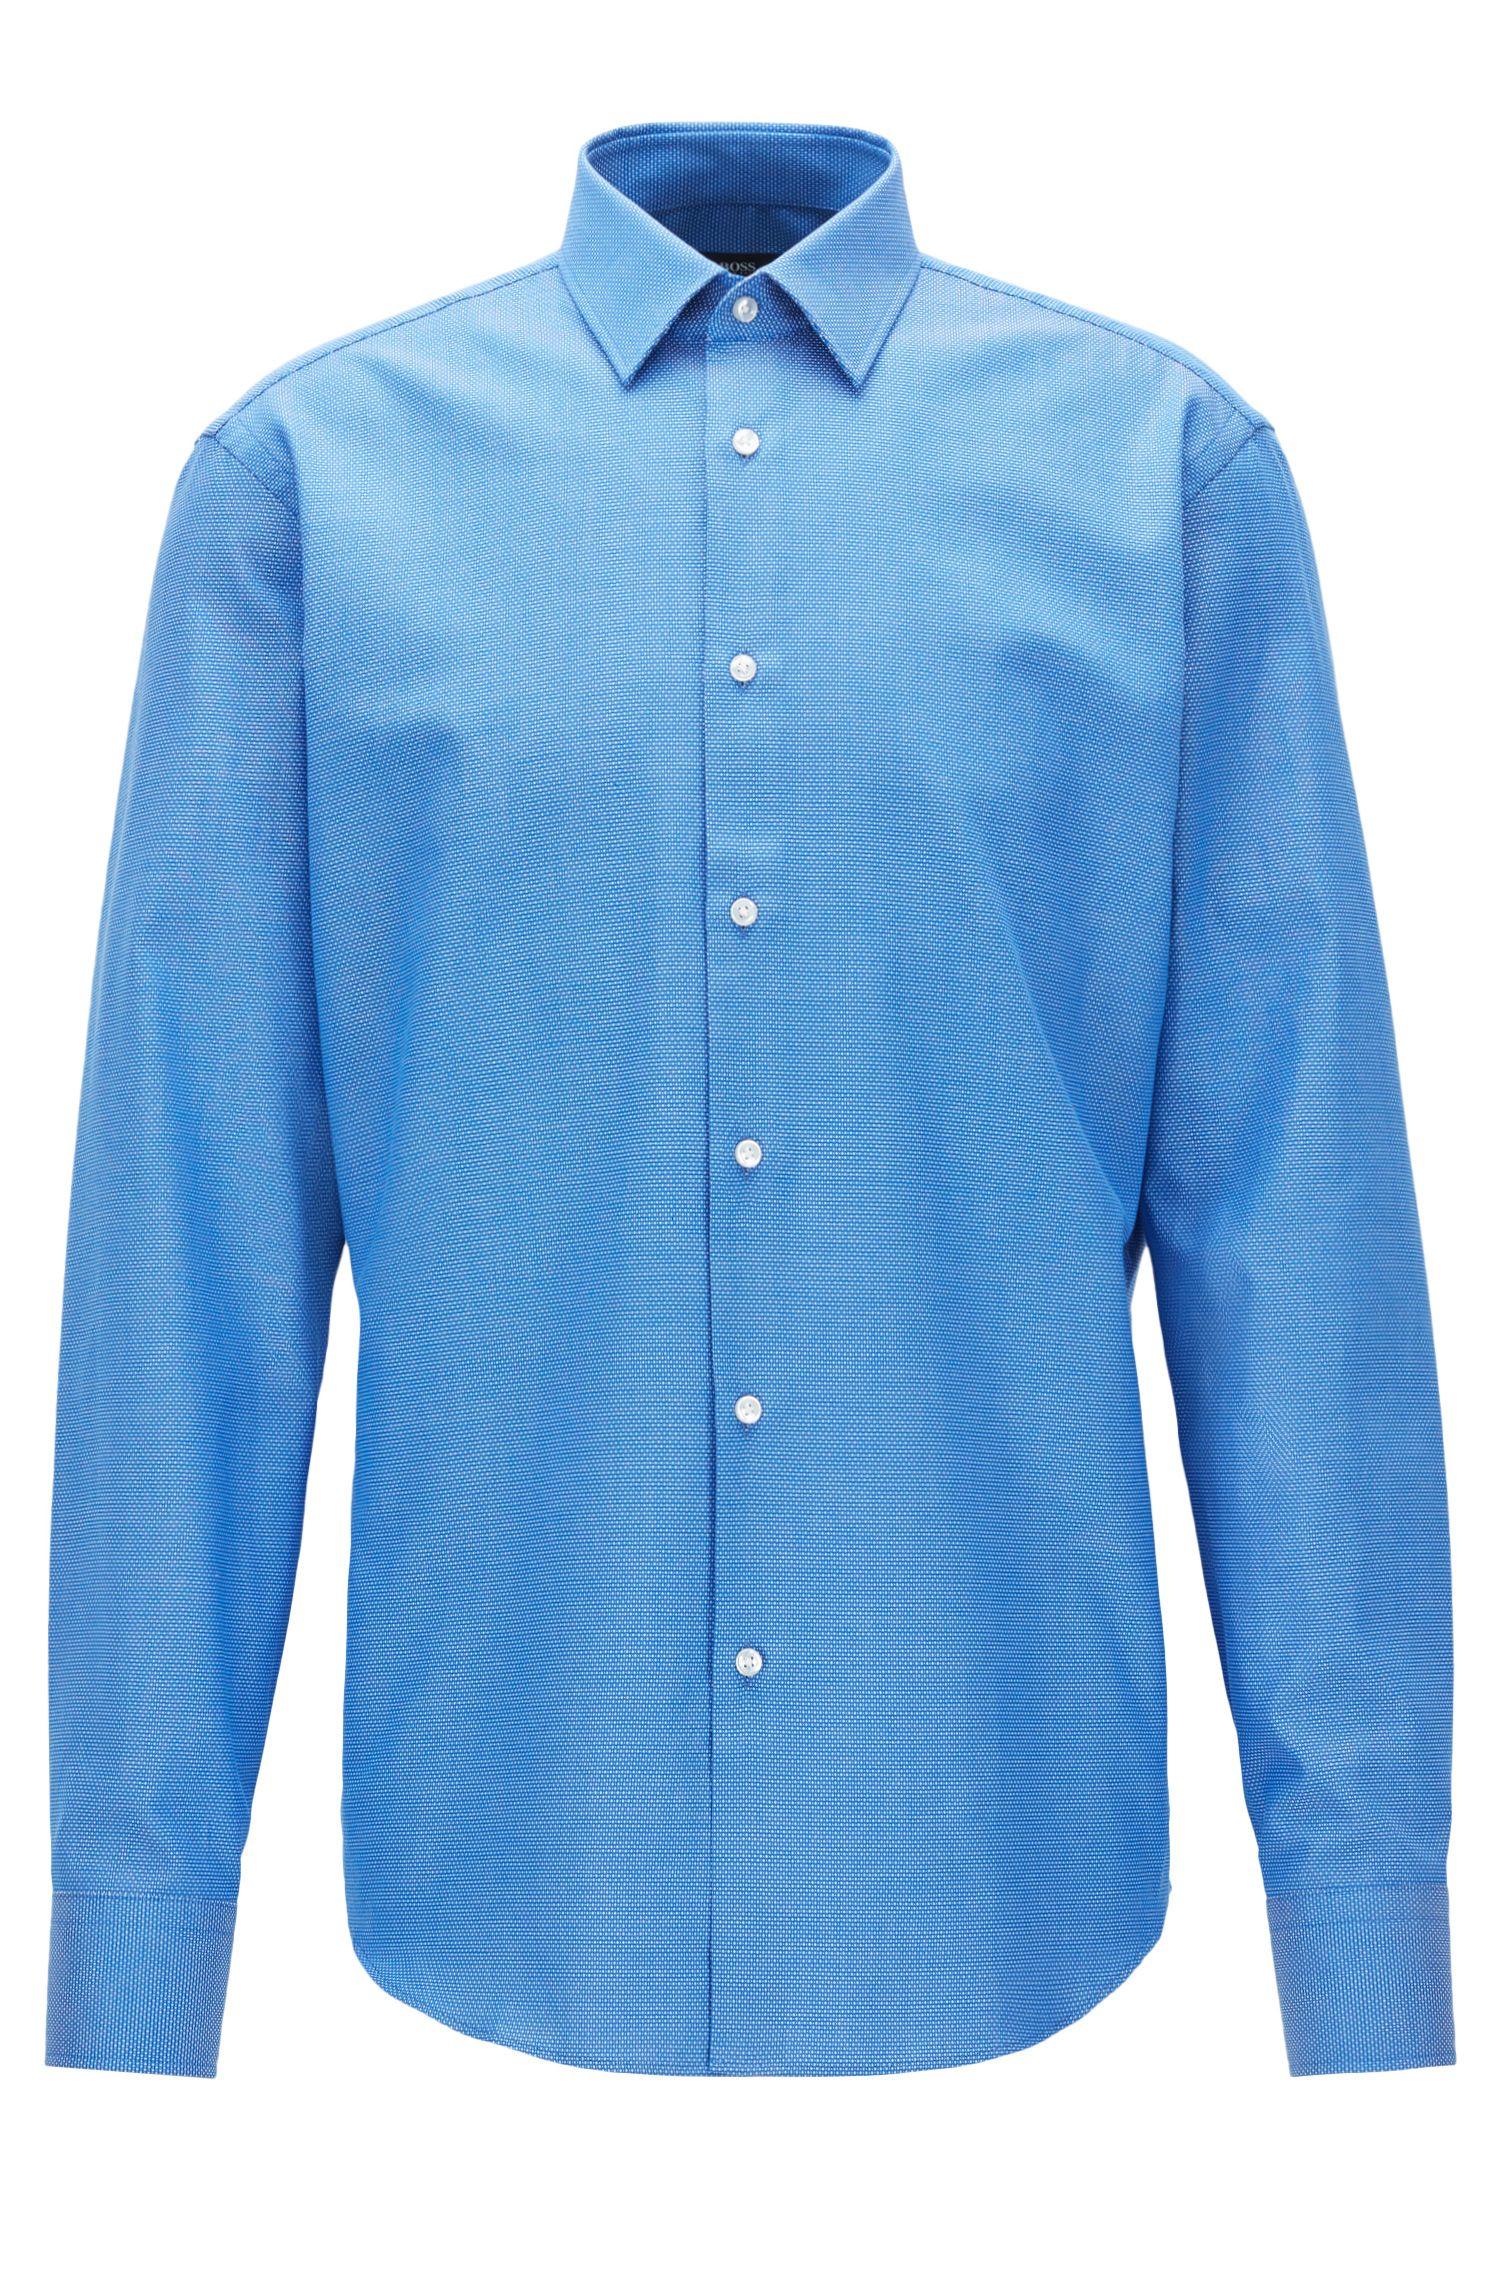 Birdseye Cotton Dress Shirt, Regular Fit | Enzo